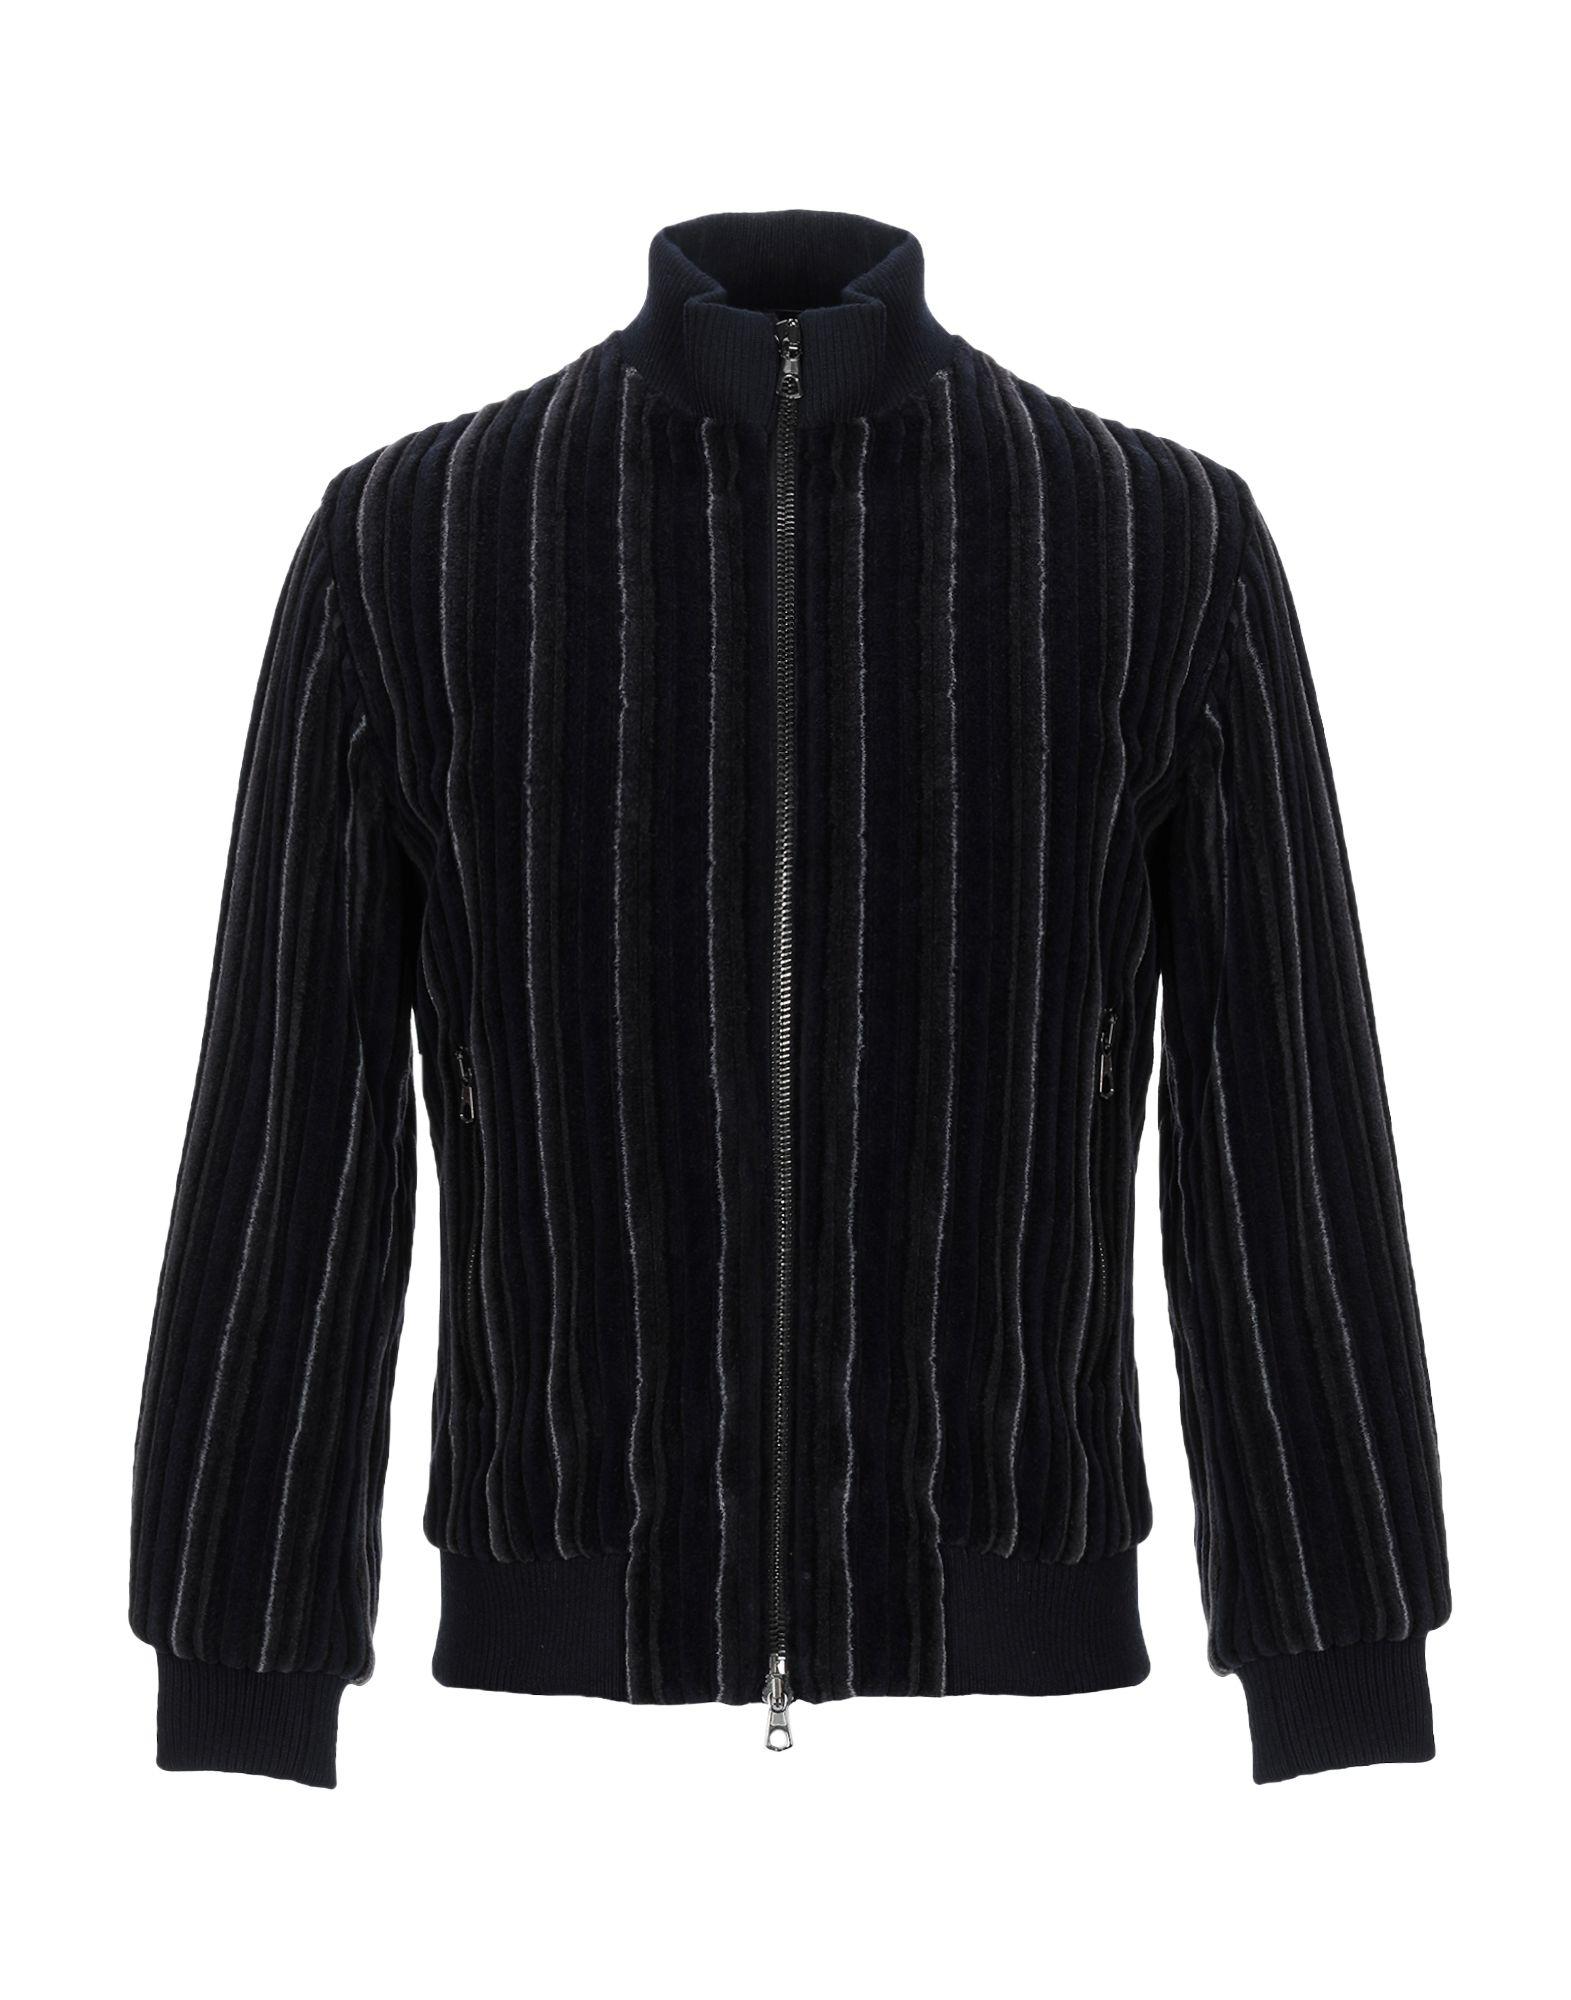 MESSAGERIE Куртка куртка бомбер короткая в полоску с вышивкой 100